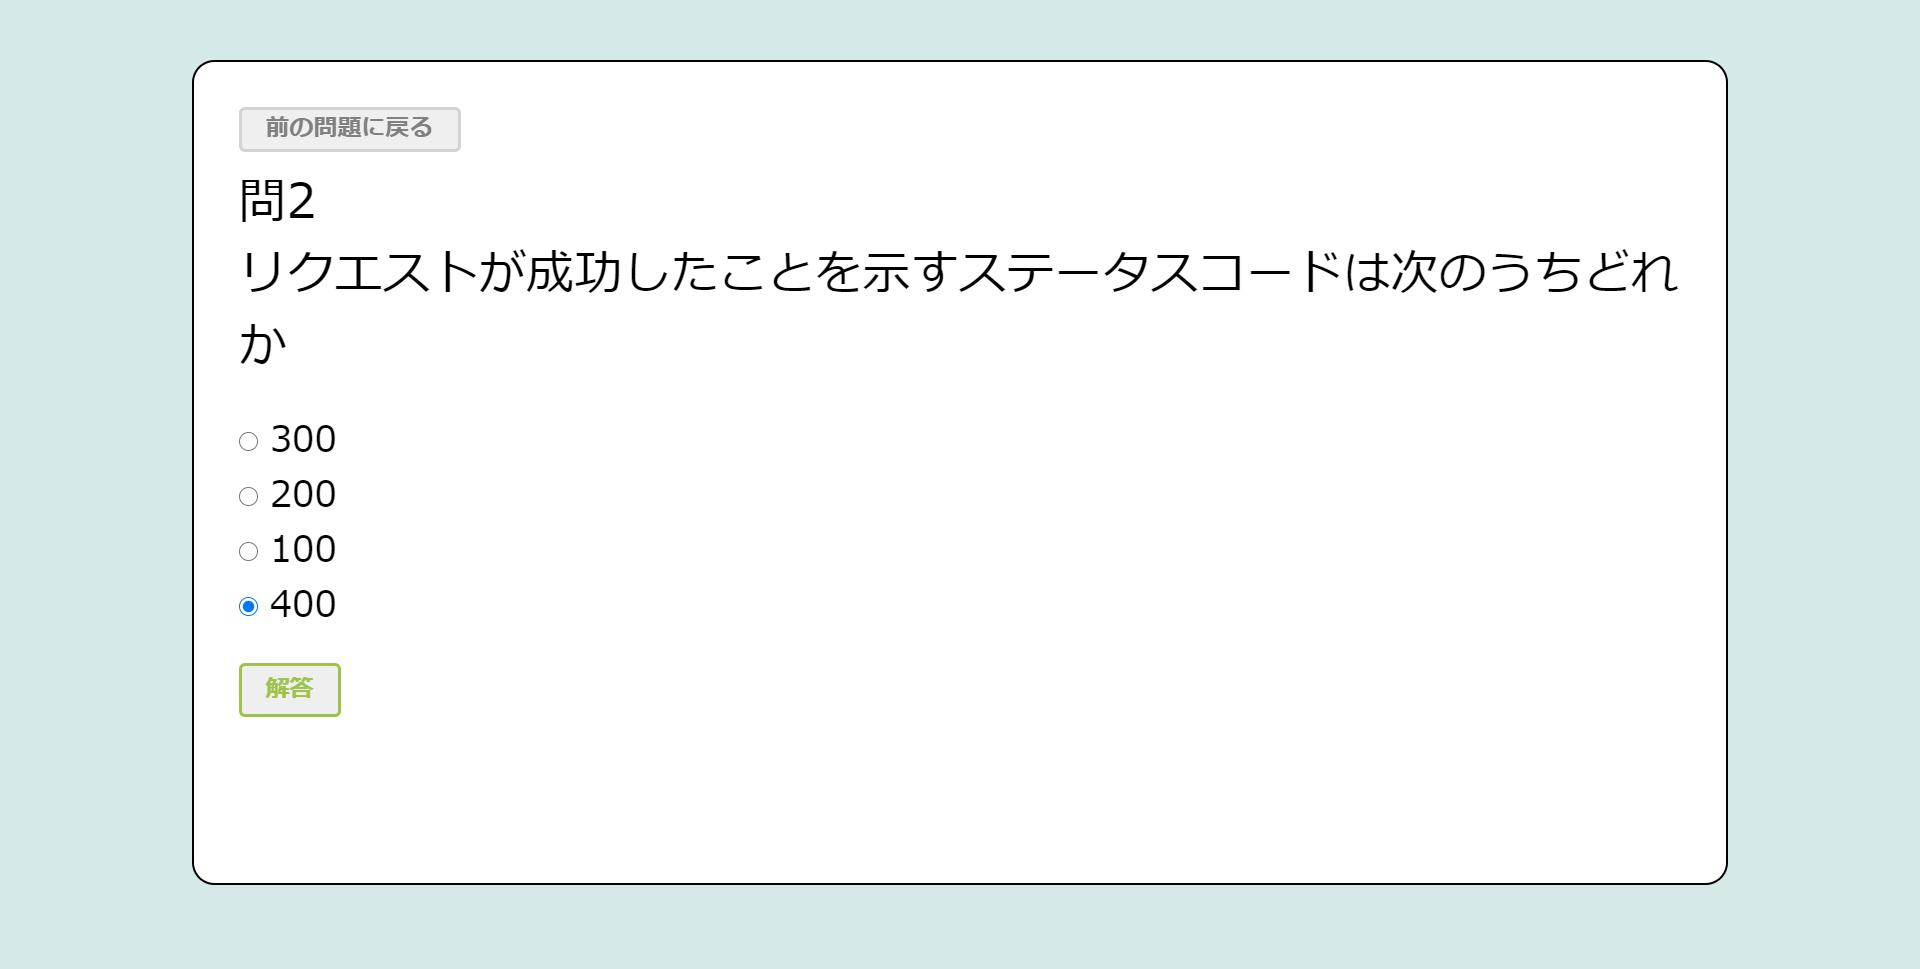 問題解答画面_L.png